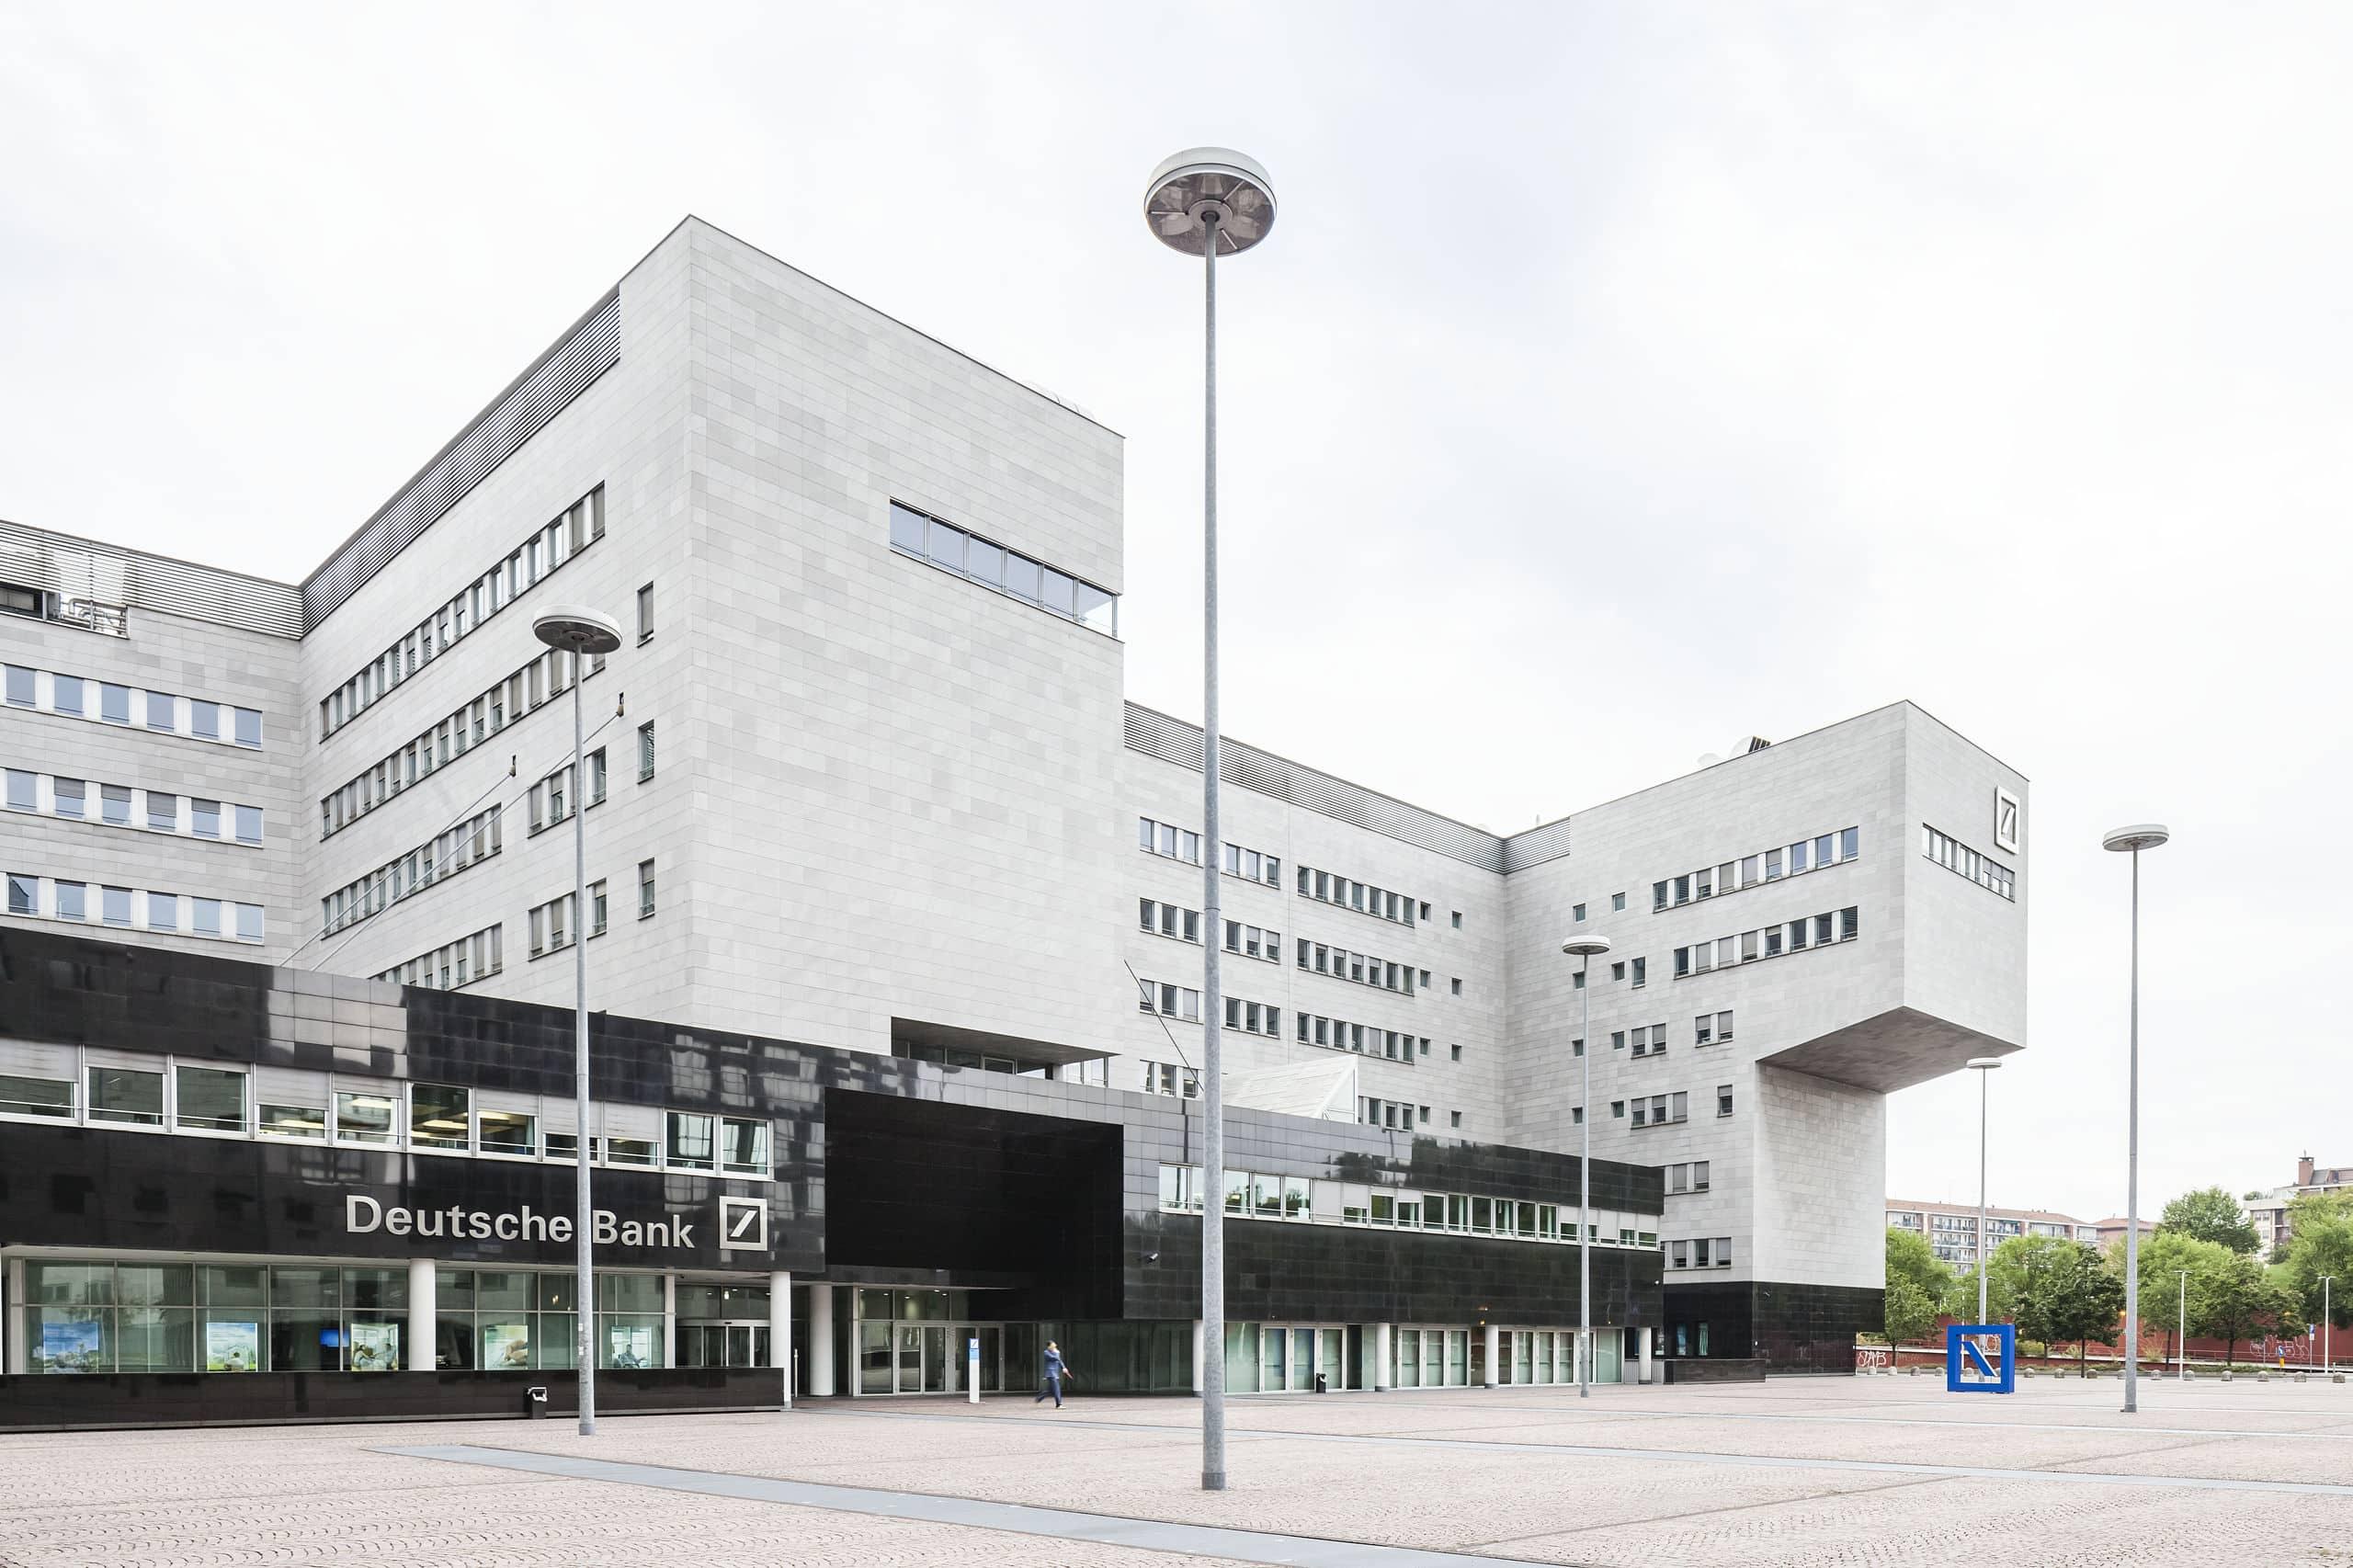 Deutsche Bank Piazza Del Calendario Milano.Piazza Del Calendario Milano Calendario 2020